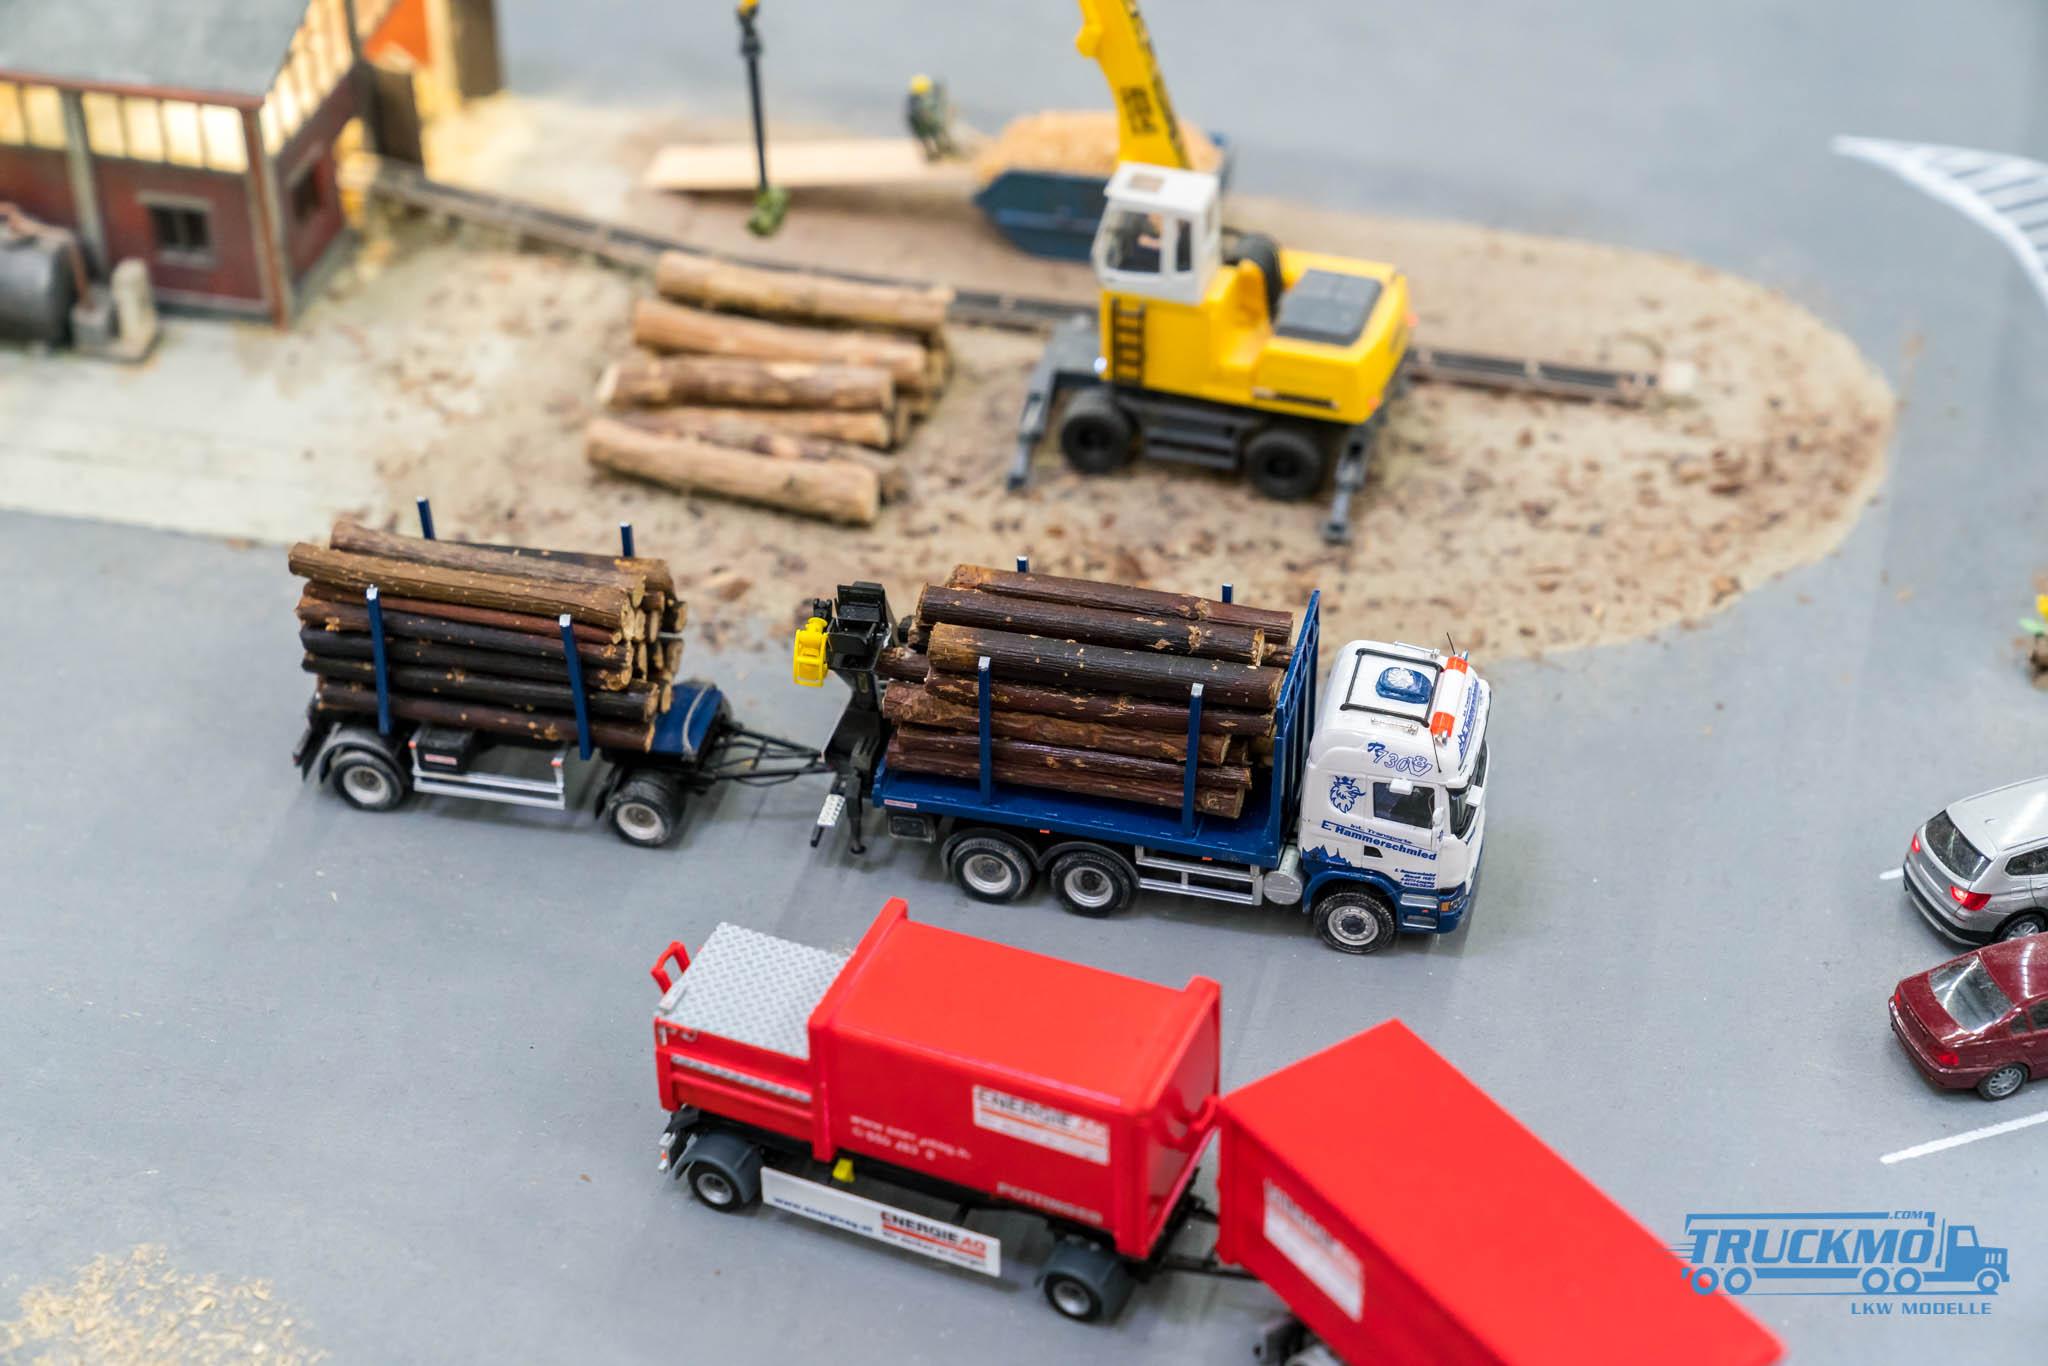 Truckmo_Modellbau_Ried_2017_Herpa_Messe_Modellbauausstellung (197 von 1177)